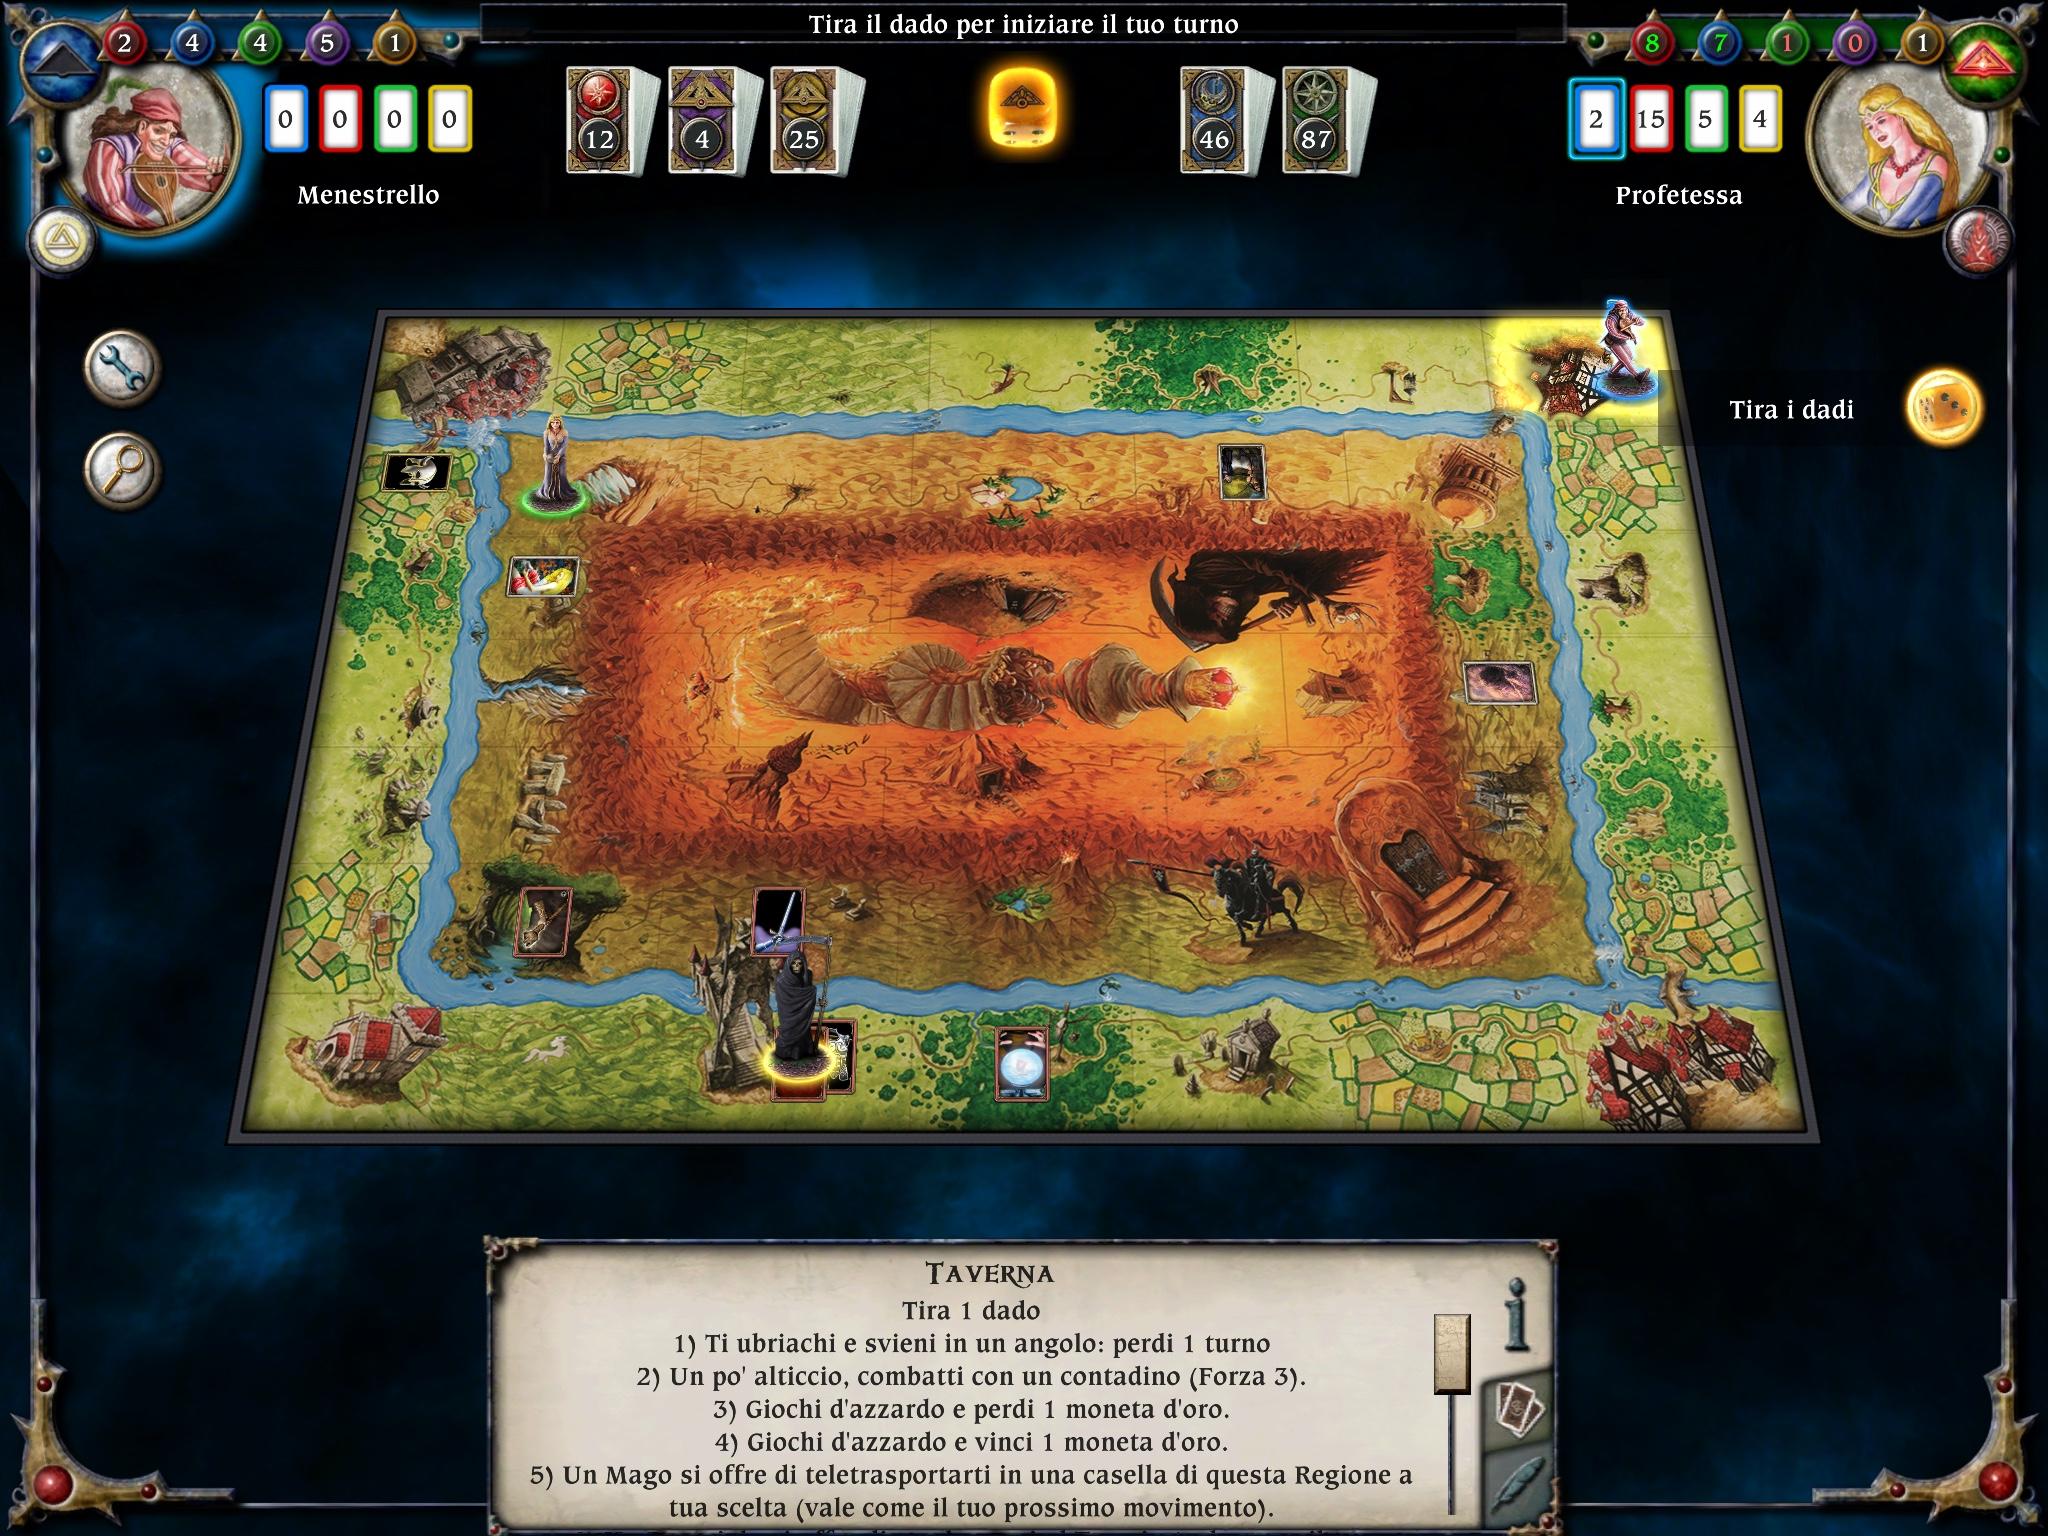 Talisman per ipad il celebre gioco da tavolo a giocare con gli amici - Talisman gioco da tavolo ...